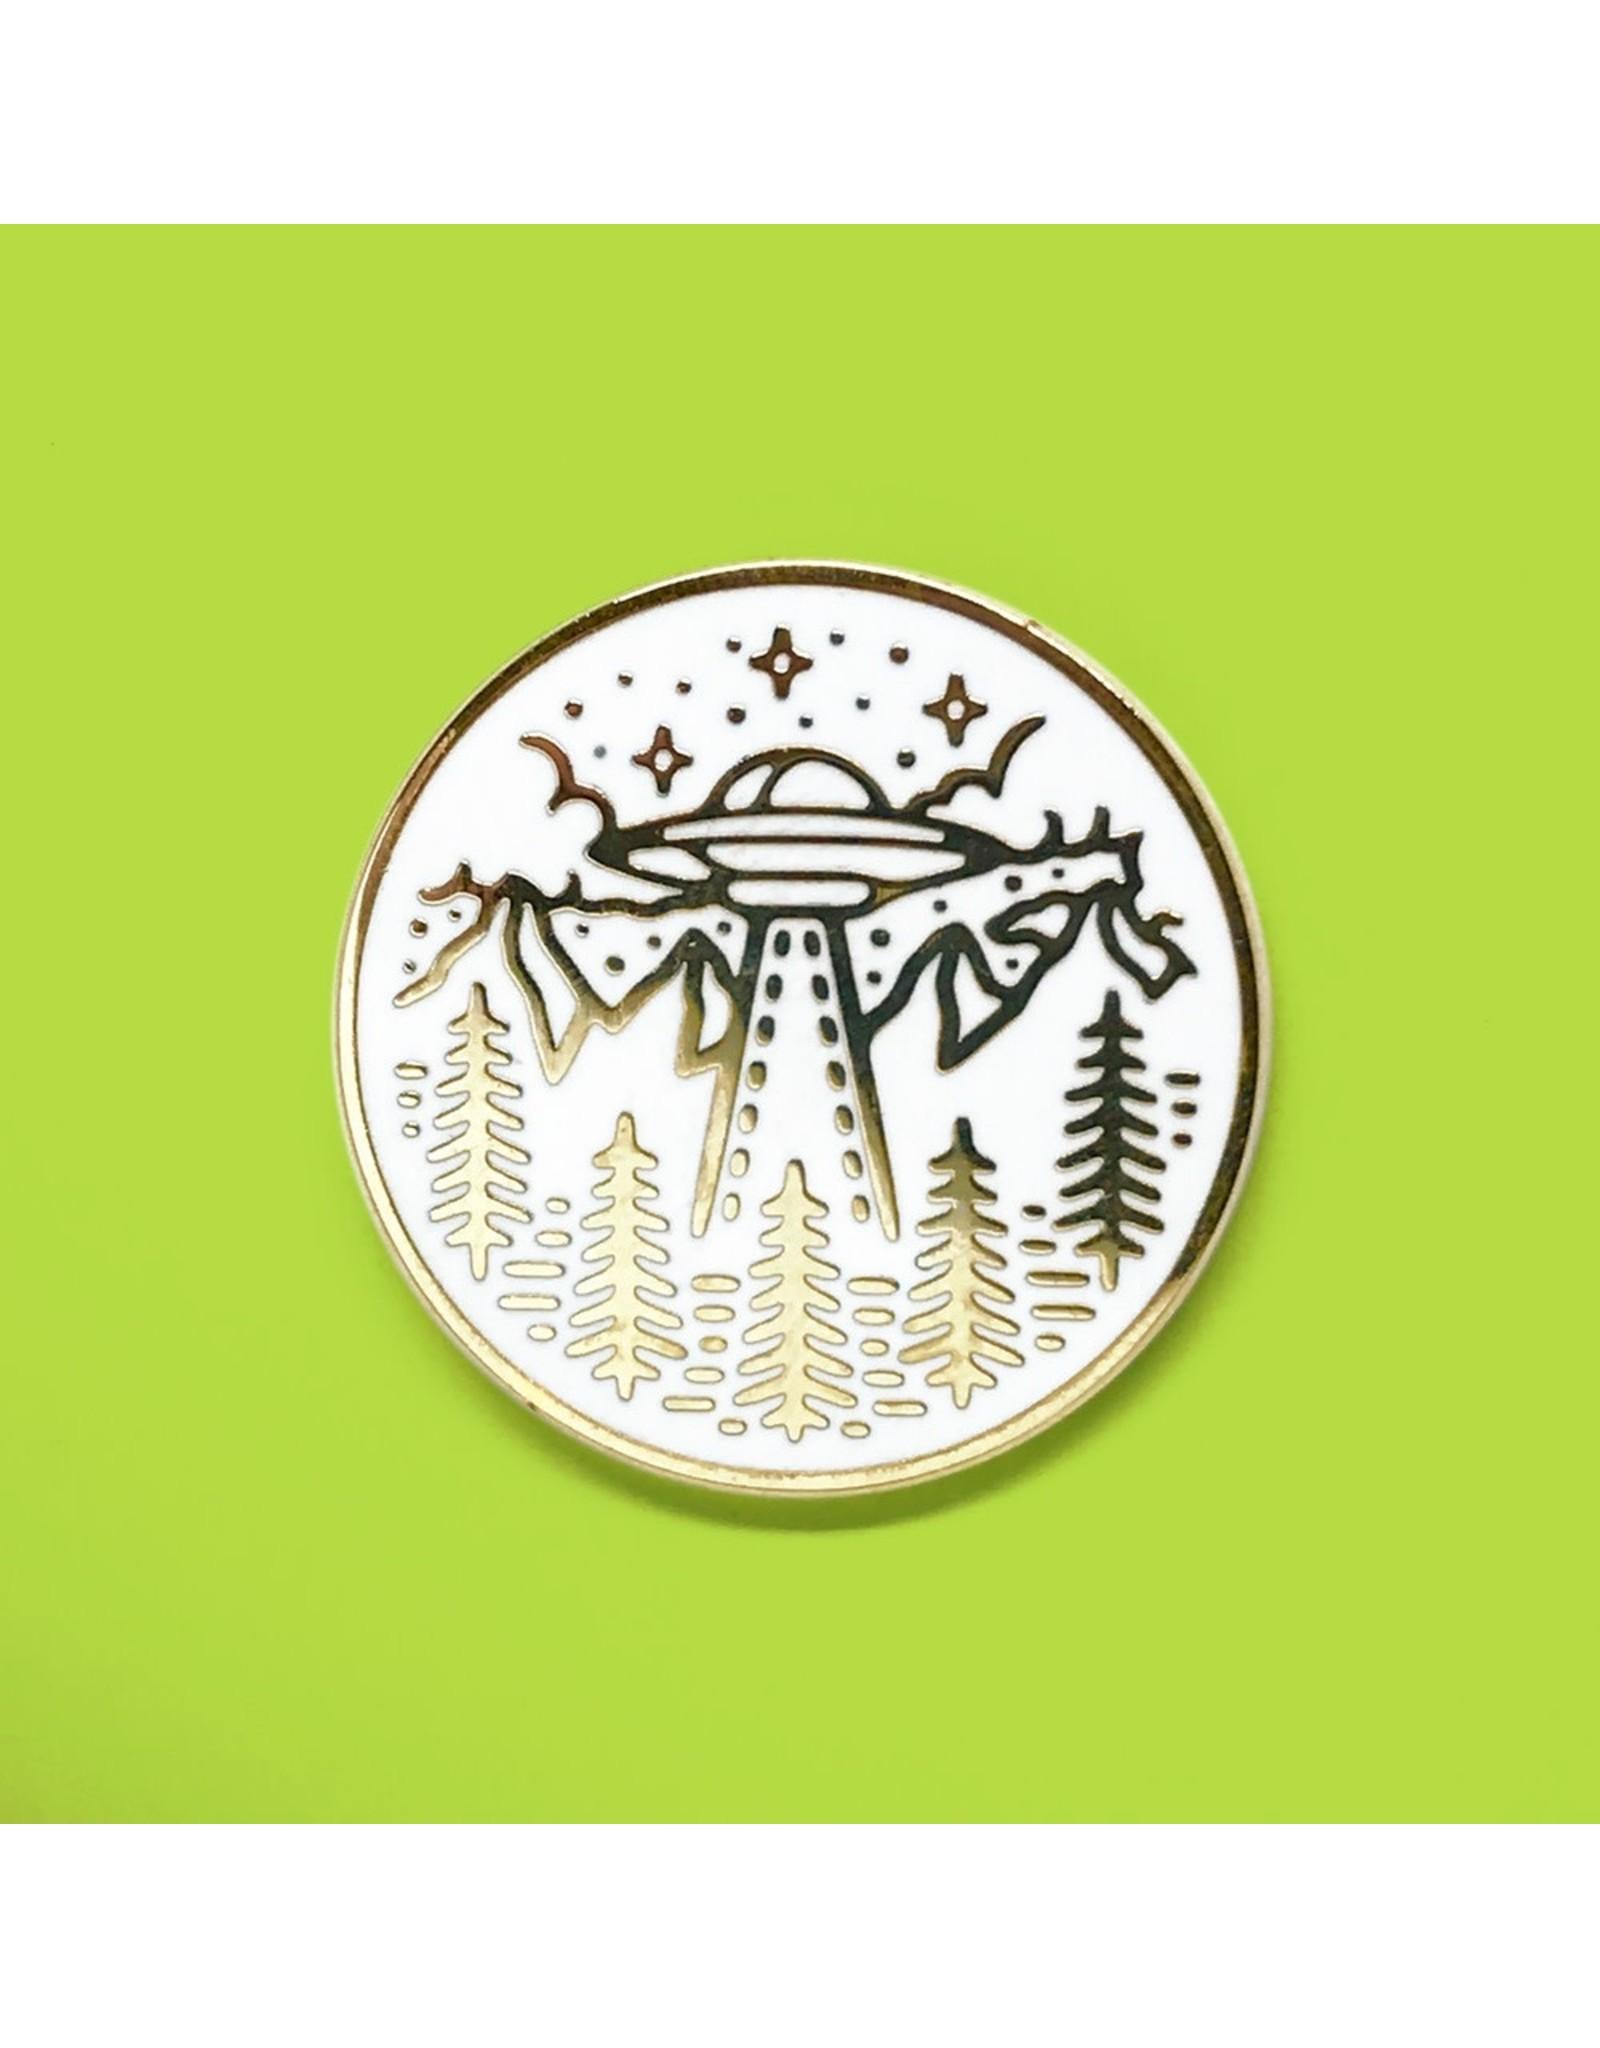 Enamel Pin UFO White Gold Enamel Pin